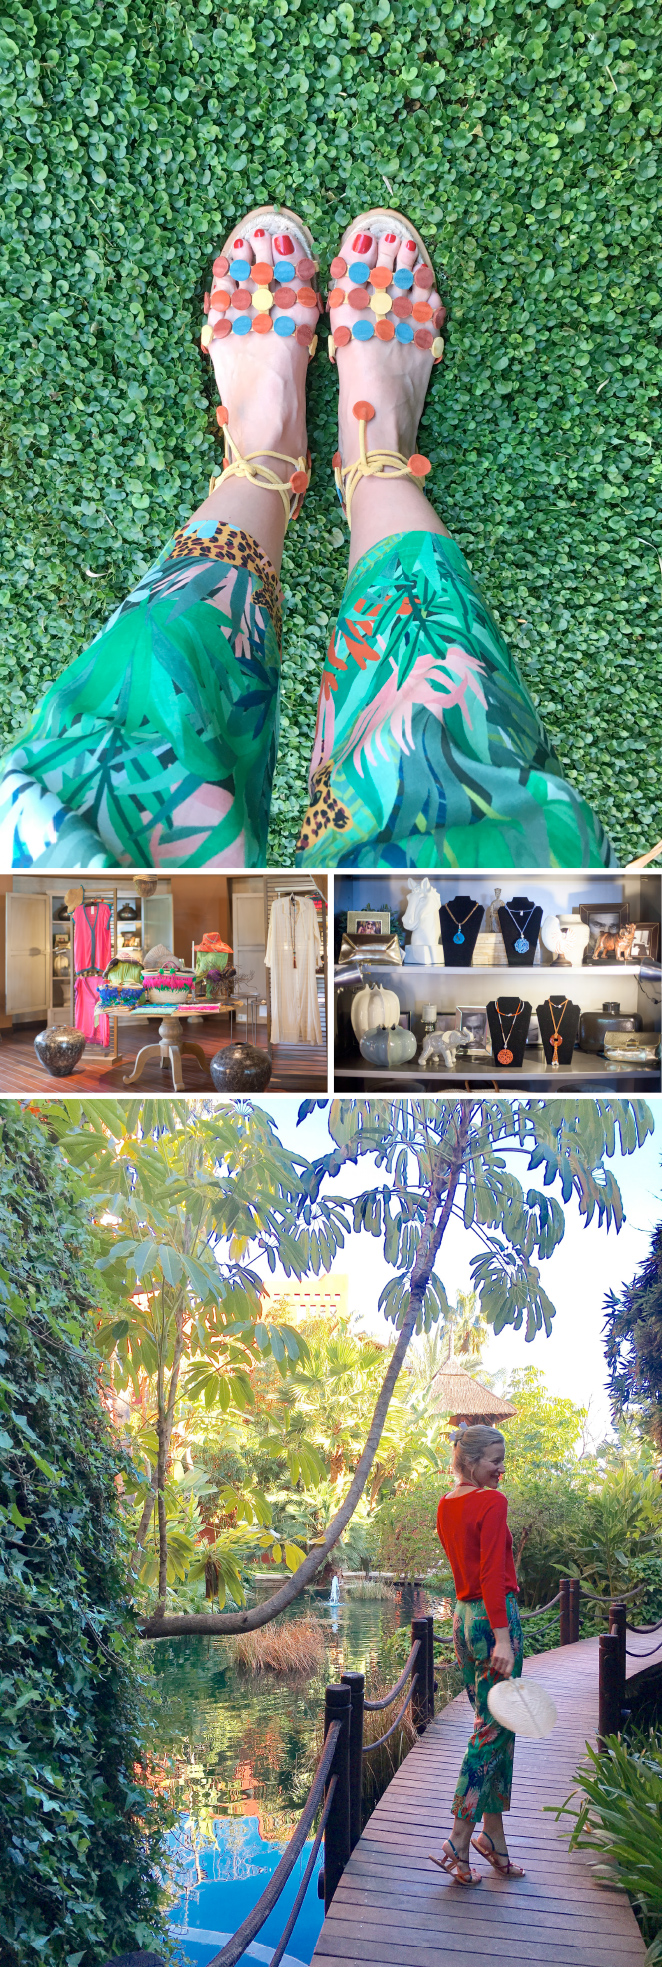 Resulta difícil dejar esta terraza, pero Asian Gardens es un paraíso del que merece la pena explorar cada detalle, así que me lanzo a conocer todos los rincones del hotel y a hasta su preciosa tienda donde se encuentras prendas y accesorios con mucho estilo.